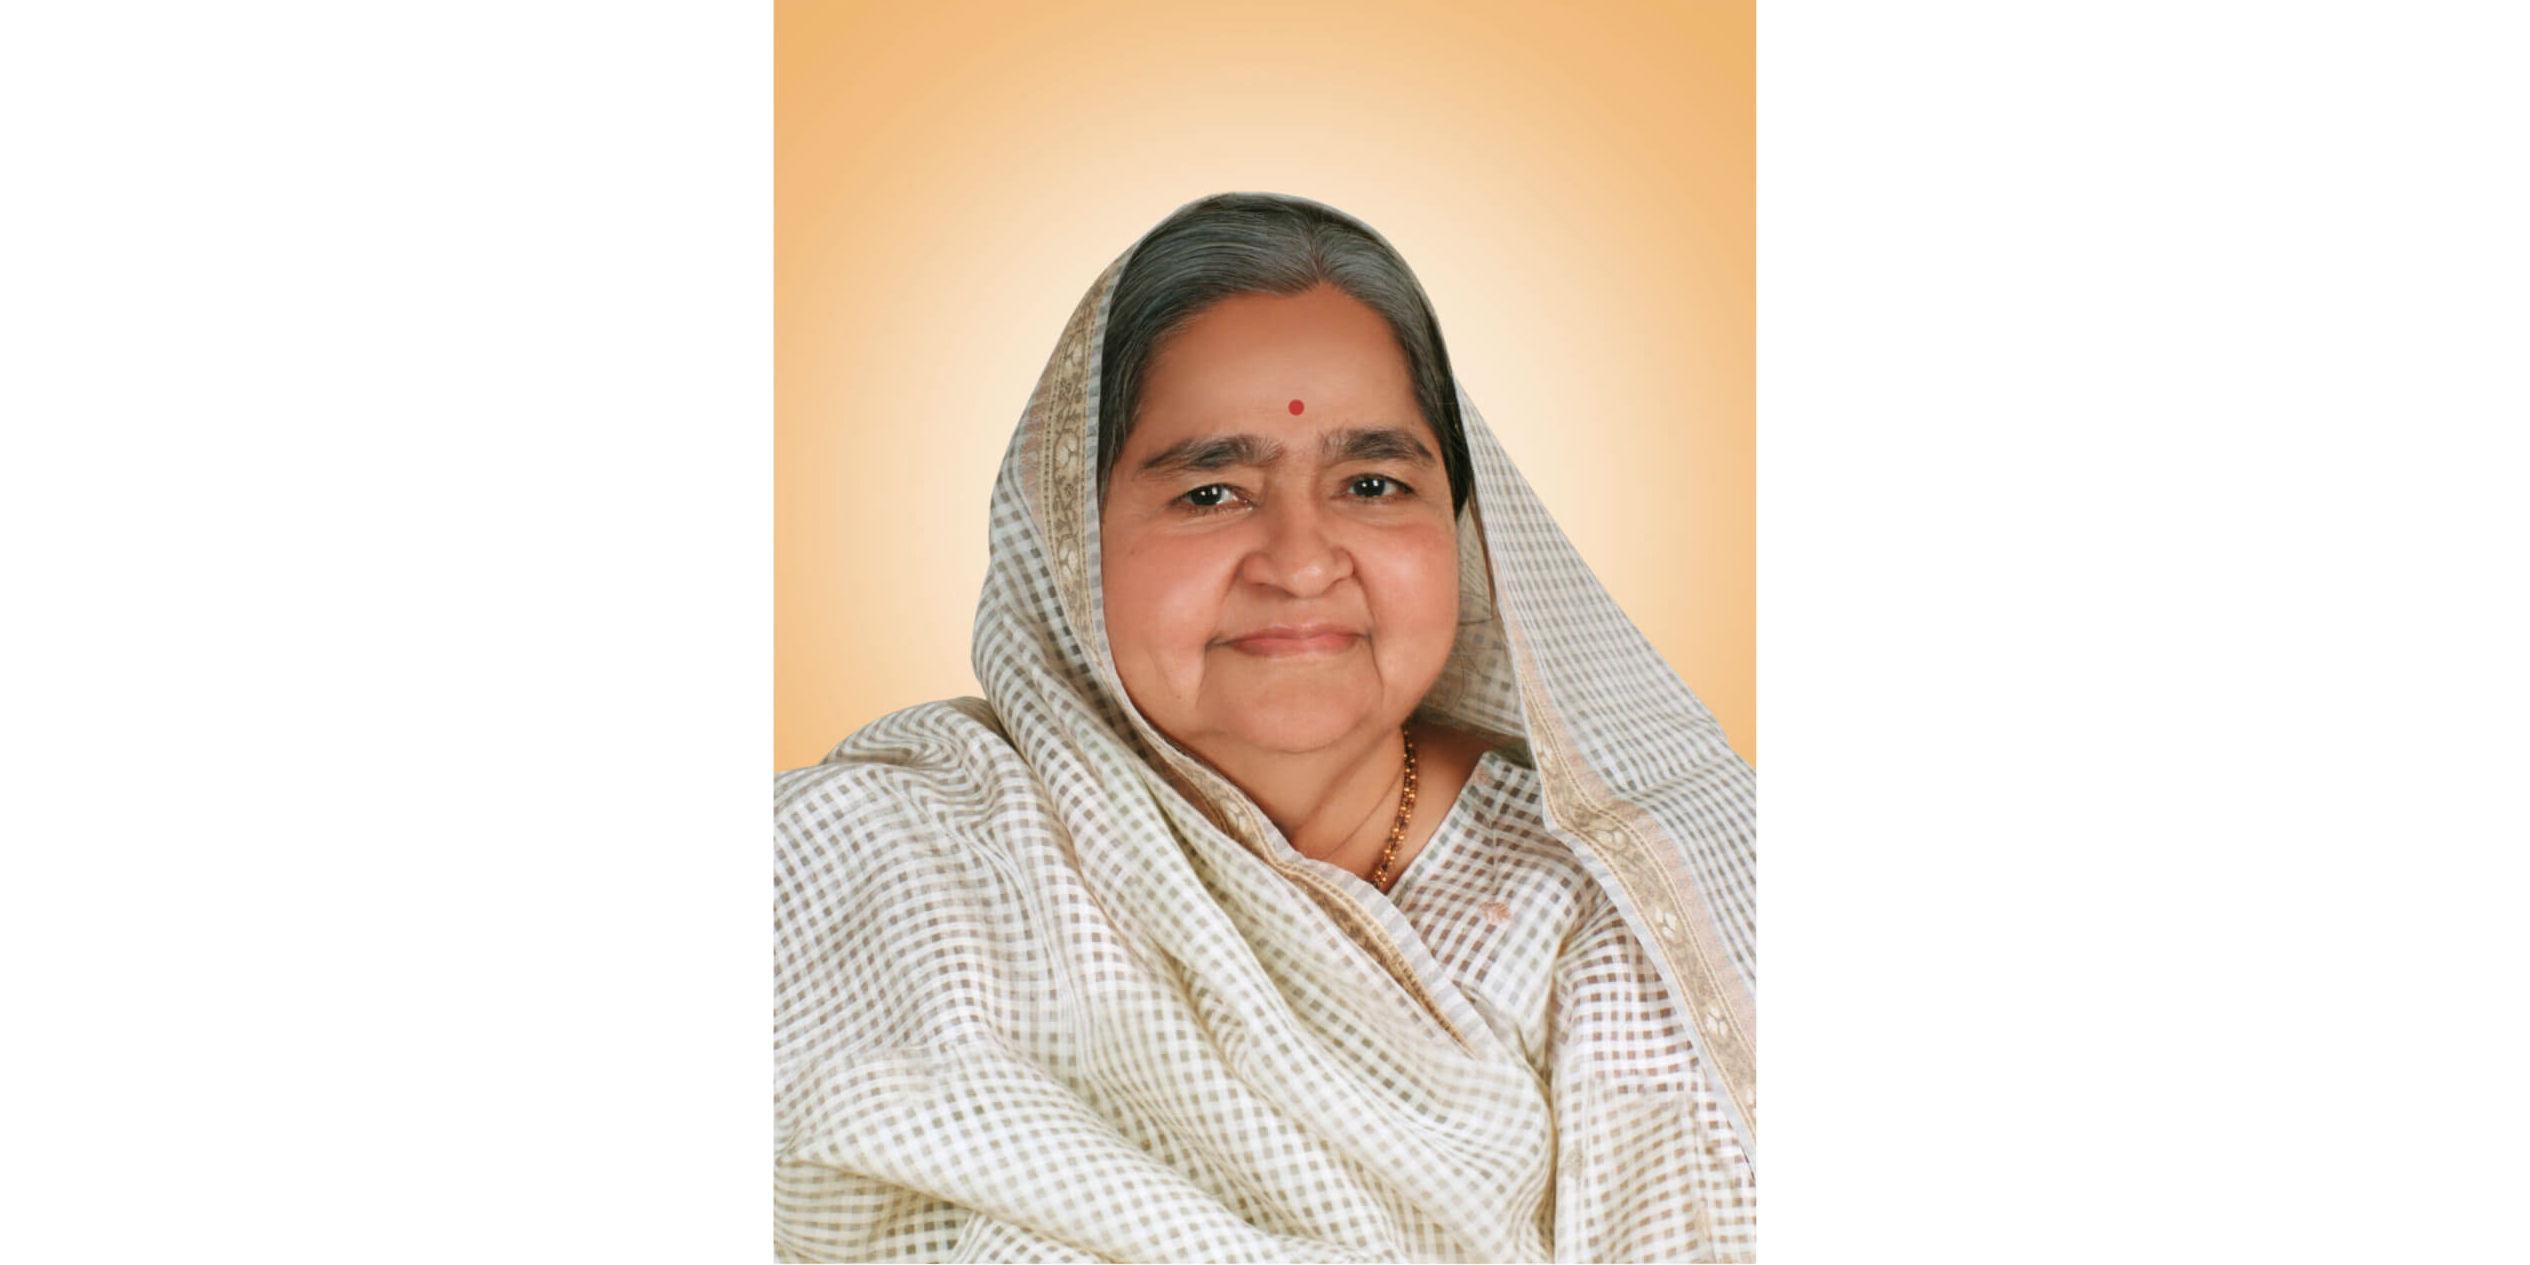 Watch Pujya Leelamasi Pragtyadin nimite Satsang Sabha